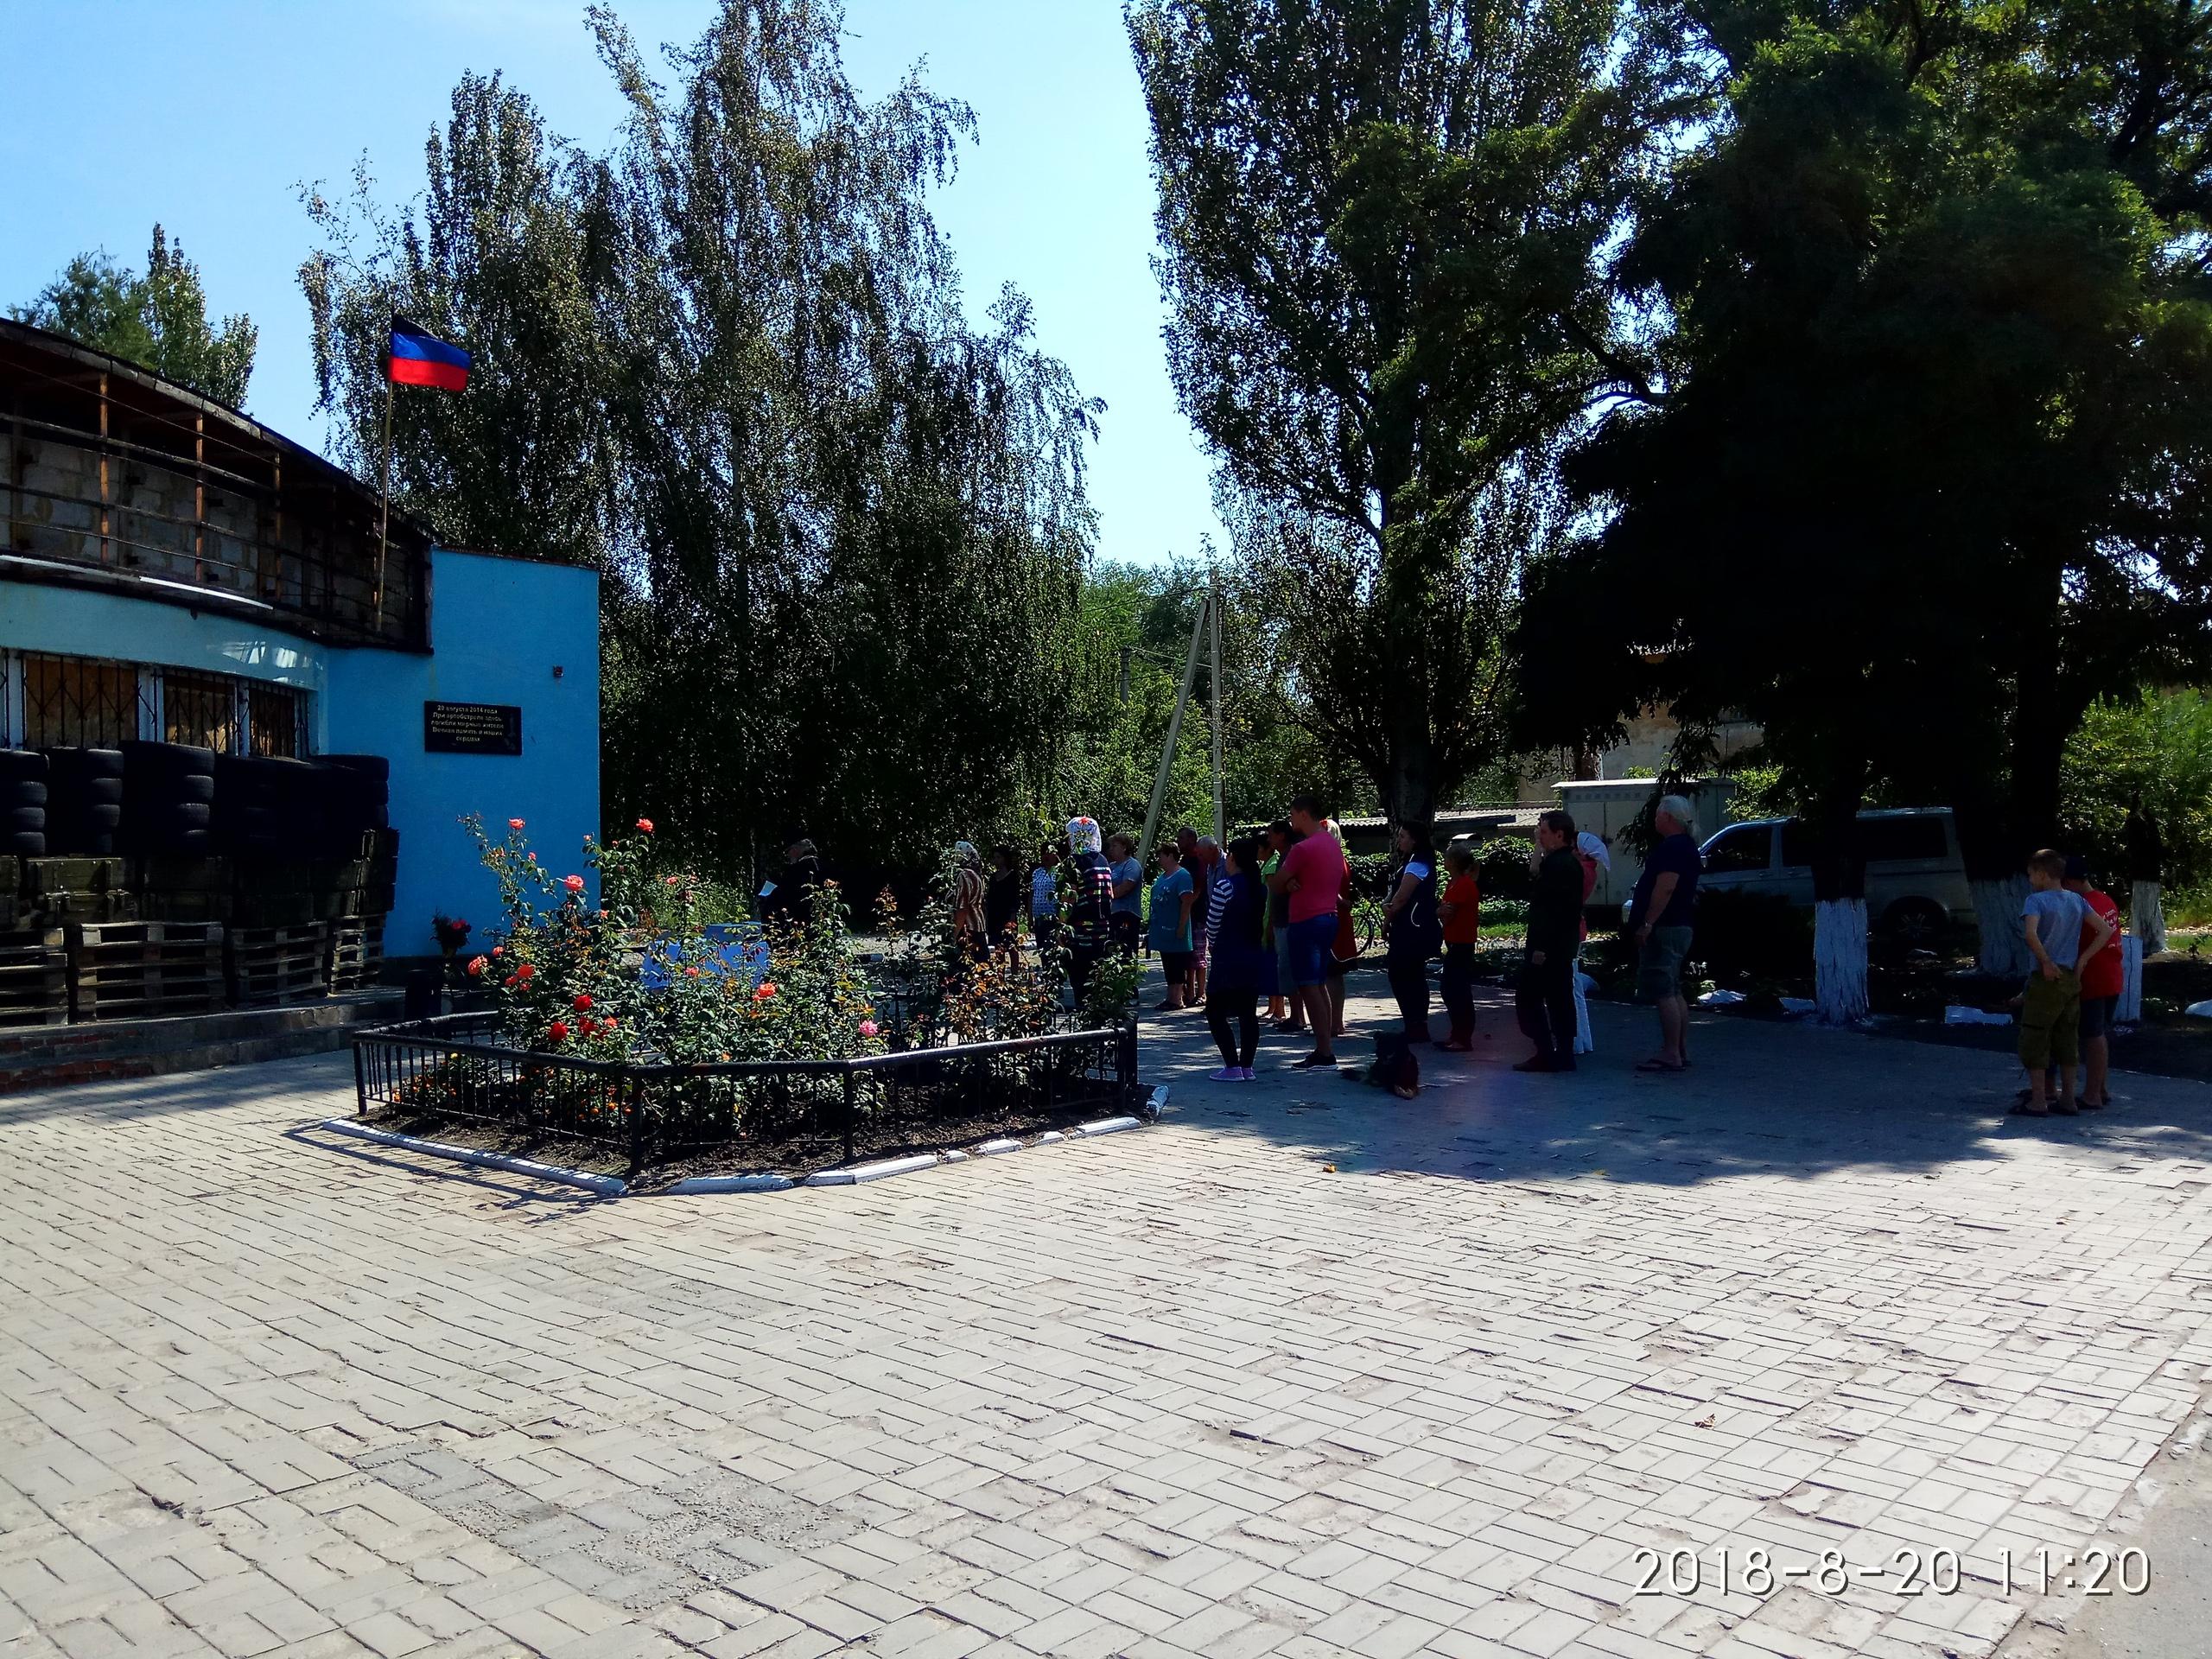 Тут 4 года назад РСЗО «Град» ВСУ убил 19 и ранил 30 человек — Молебен на жилплощадке в Донецке.